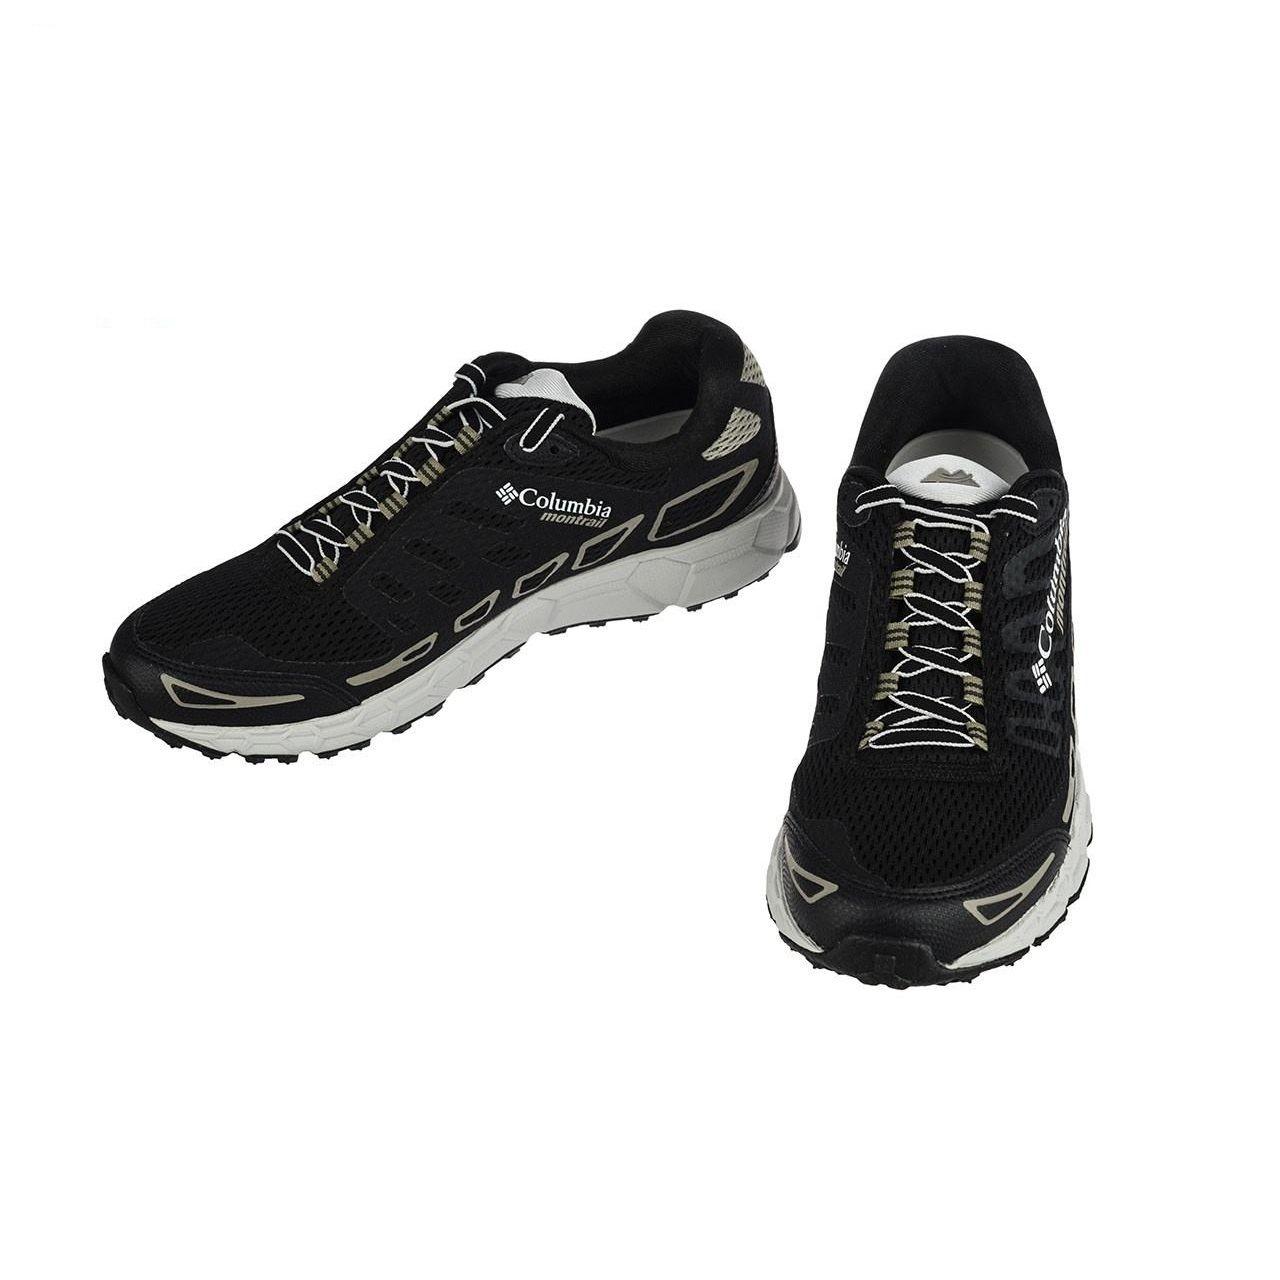 کفش مخصوص دویدن زنانه کلمبیا مدل  BL4570-011 -  - 11